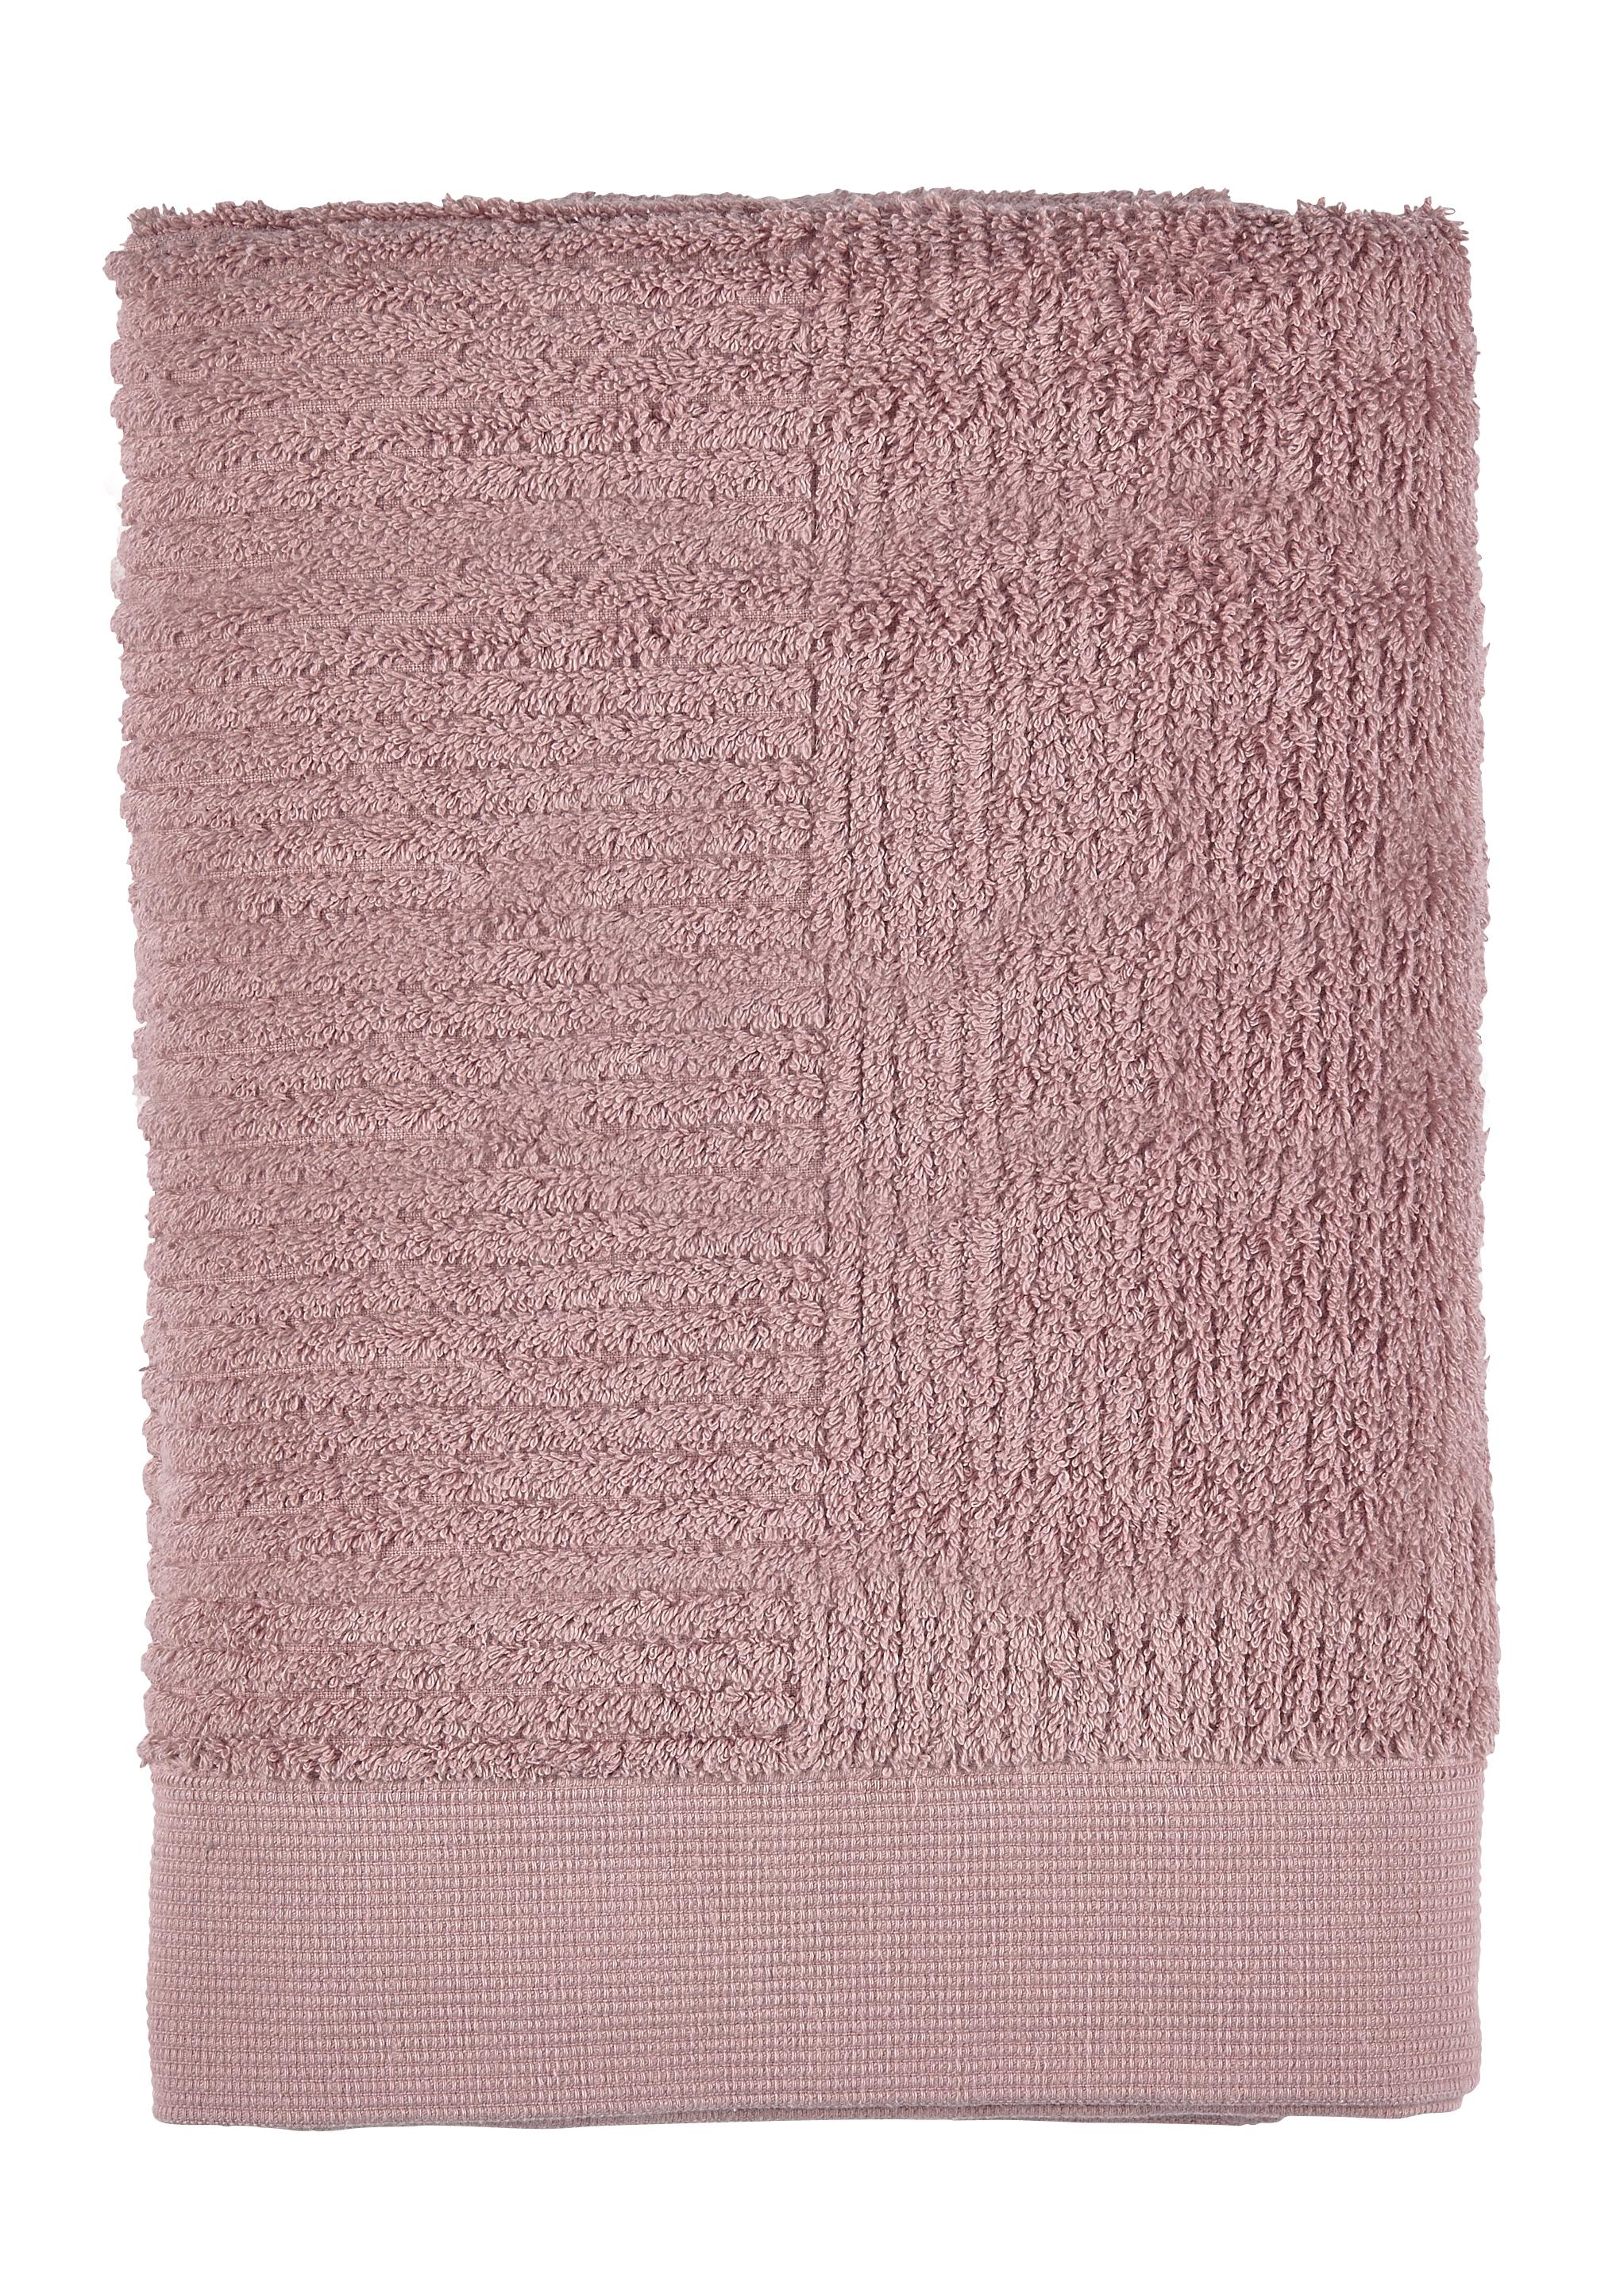 Zone - Classic Towel 70 x 140 cm - Rose (330111)